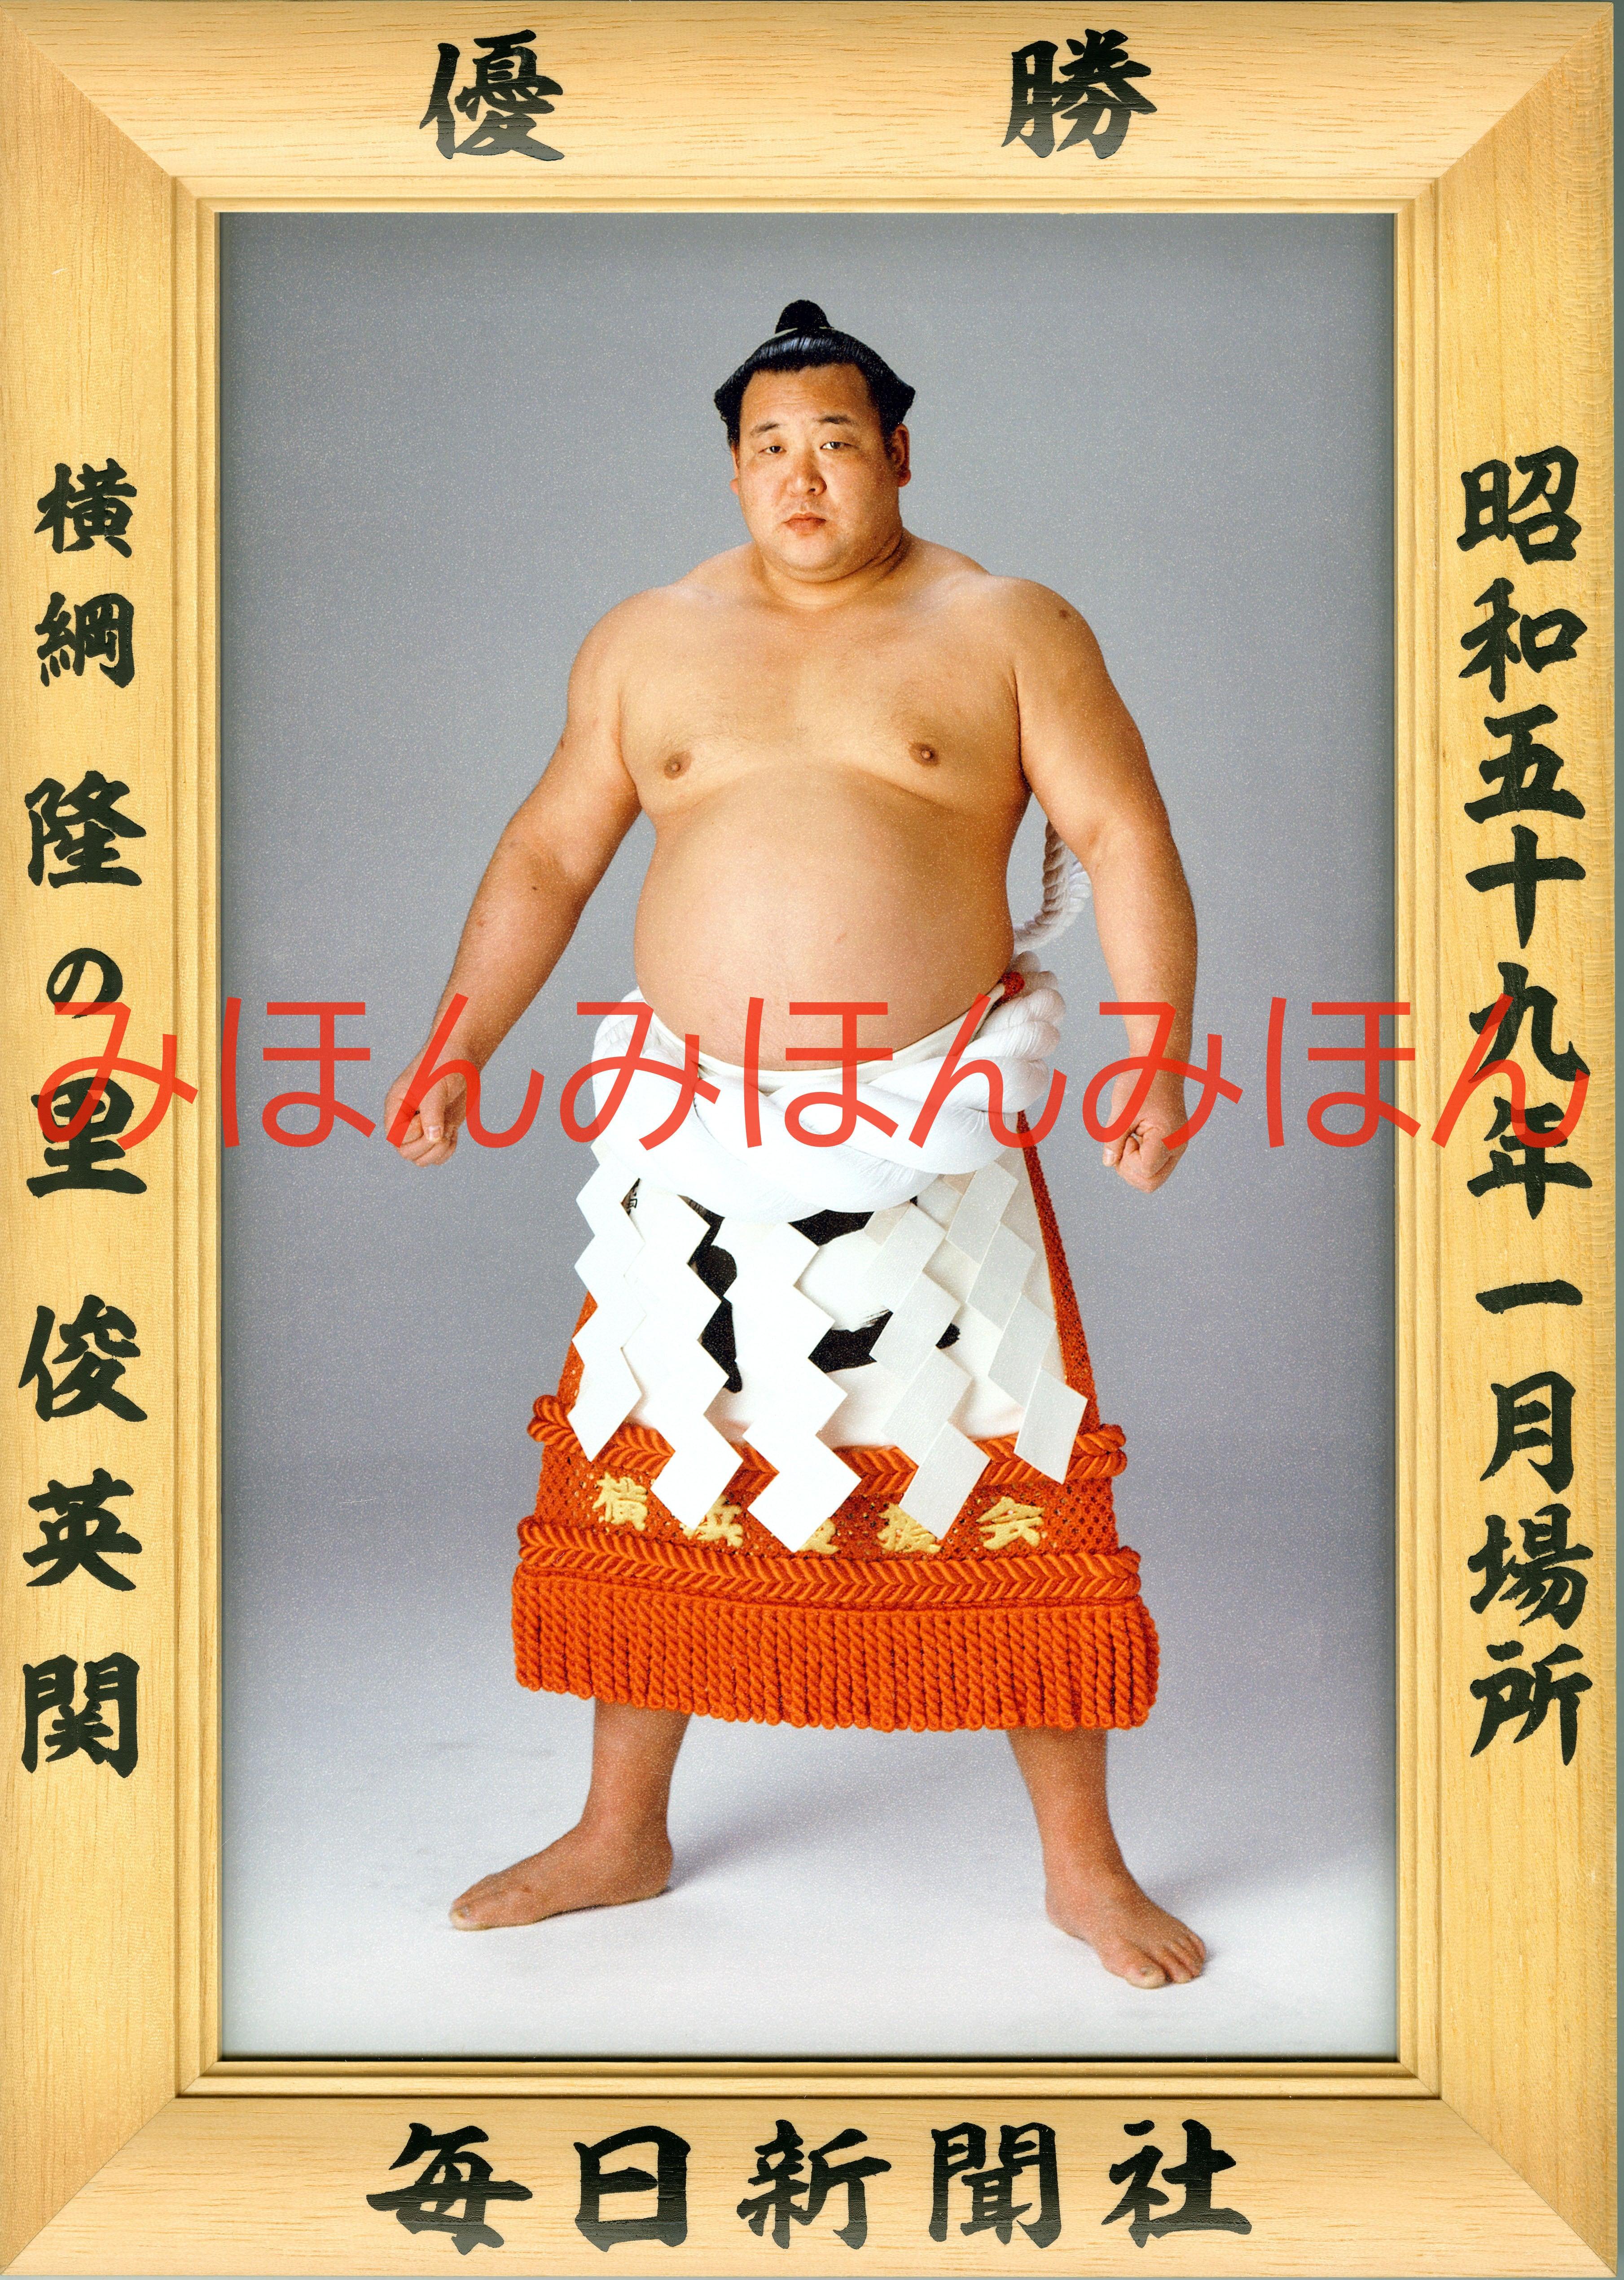 昭和59年1月場所優勝 横綱 隆の里俊英関(4回目の優勝)